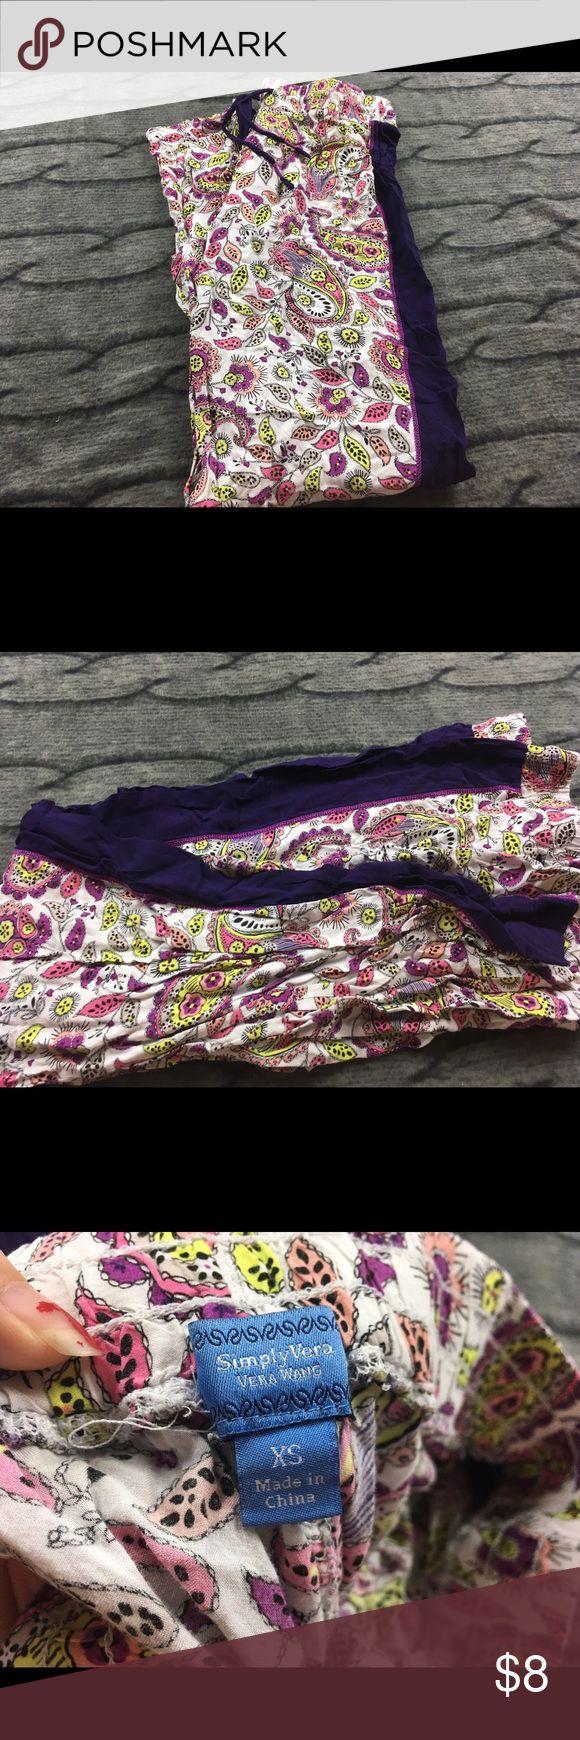 Simply Vera Wang XS Pajama Pants. Simply Vera Wang XS Pajama Pants.  Good condition very cute! Simply Vera Vera Wang Intimates & Sleepwear Pajamas